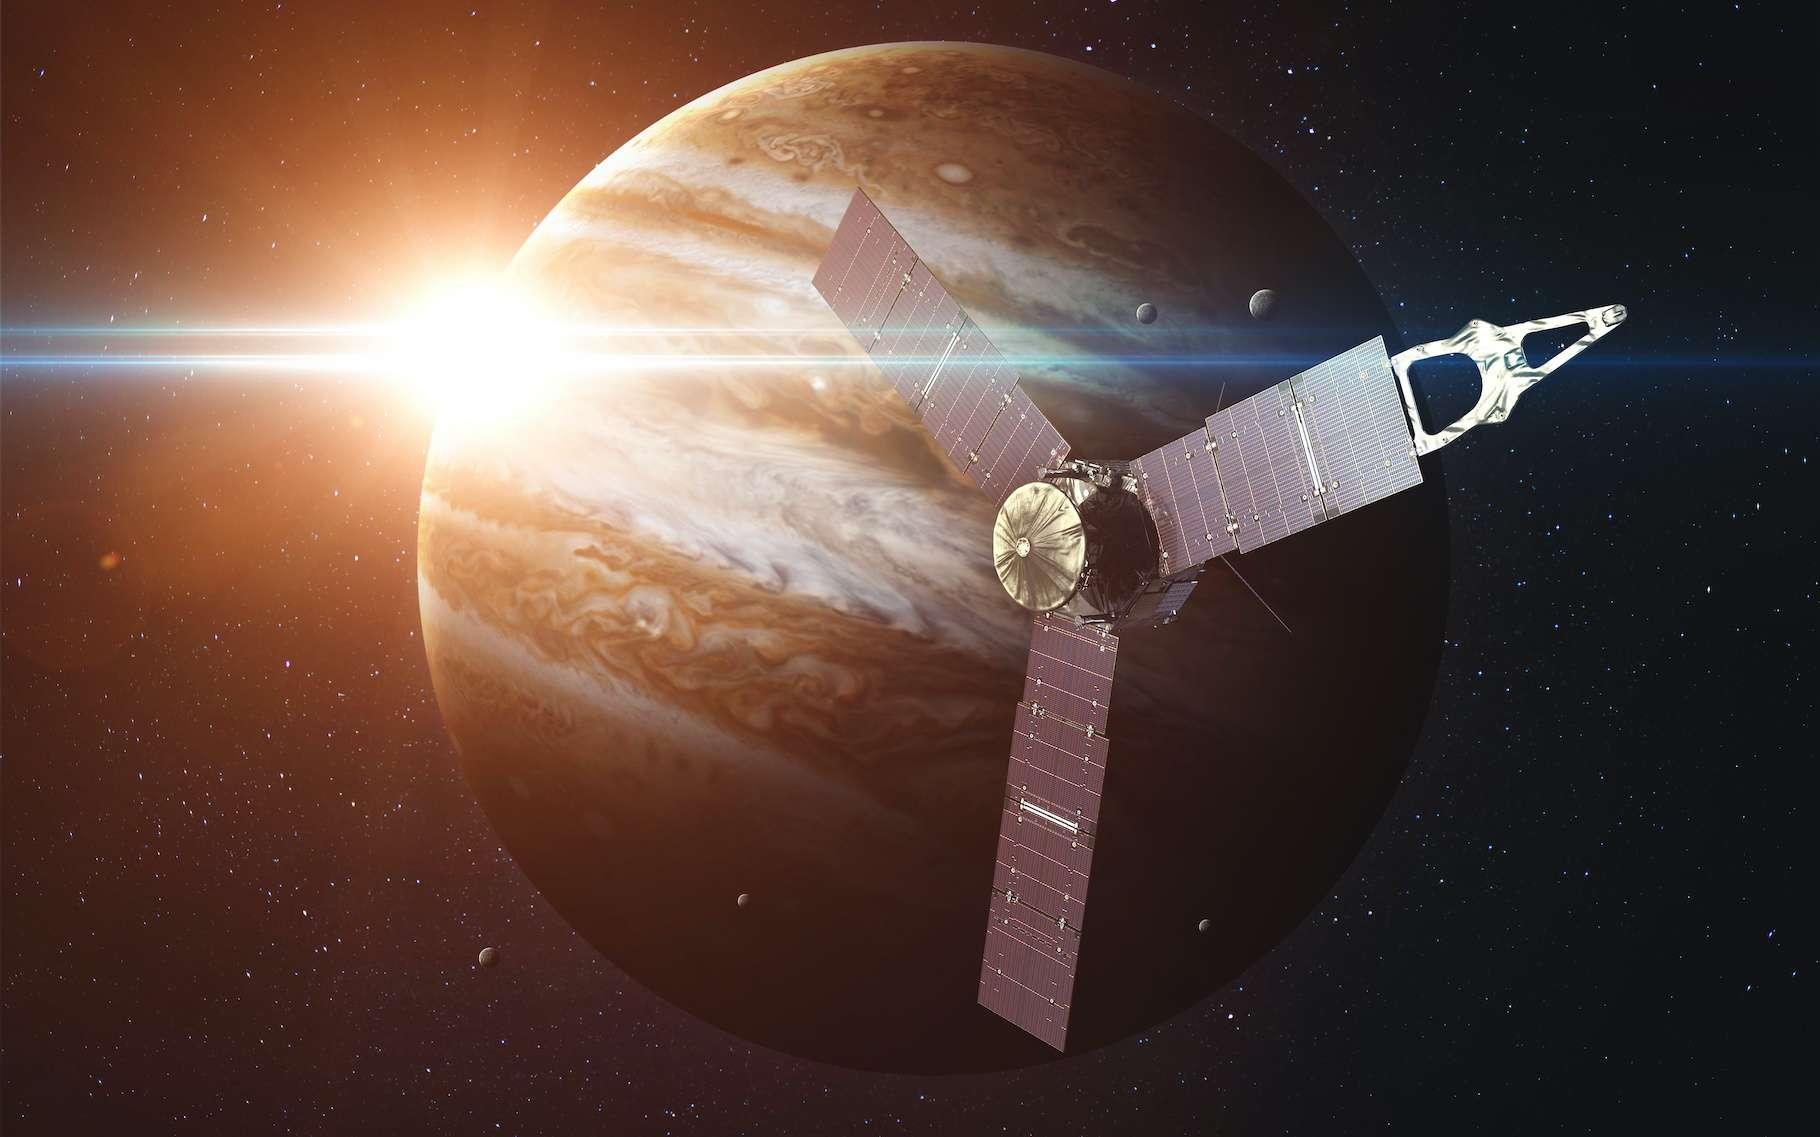 Un an après en avoir renvoyé de premières images, la mission Juno montre aujourd'hui un Clyde Spot à la structure étonnamment complexe. © Vadimsadovski, Adobe Stock